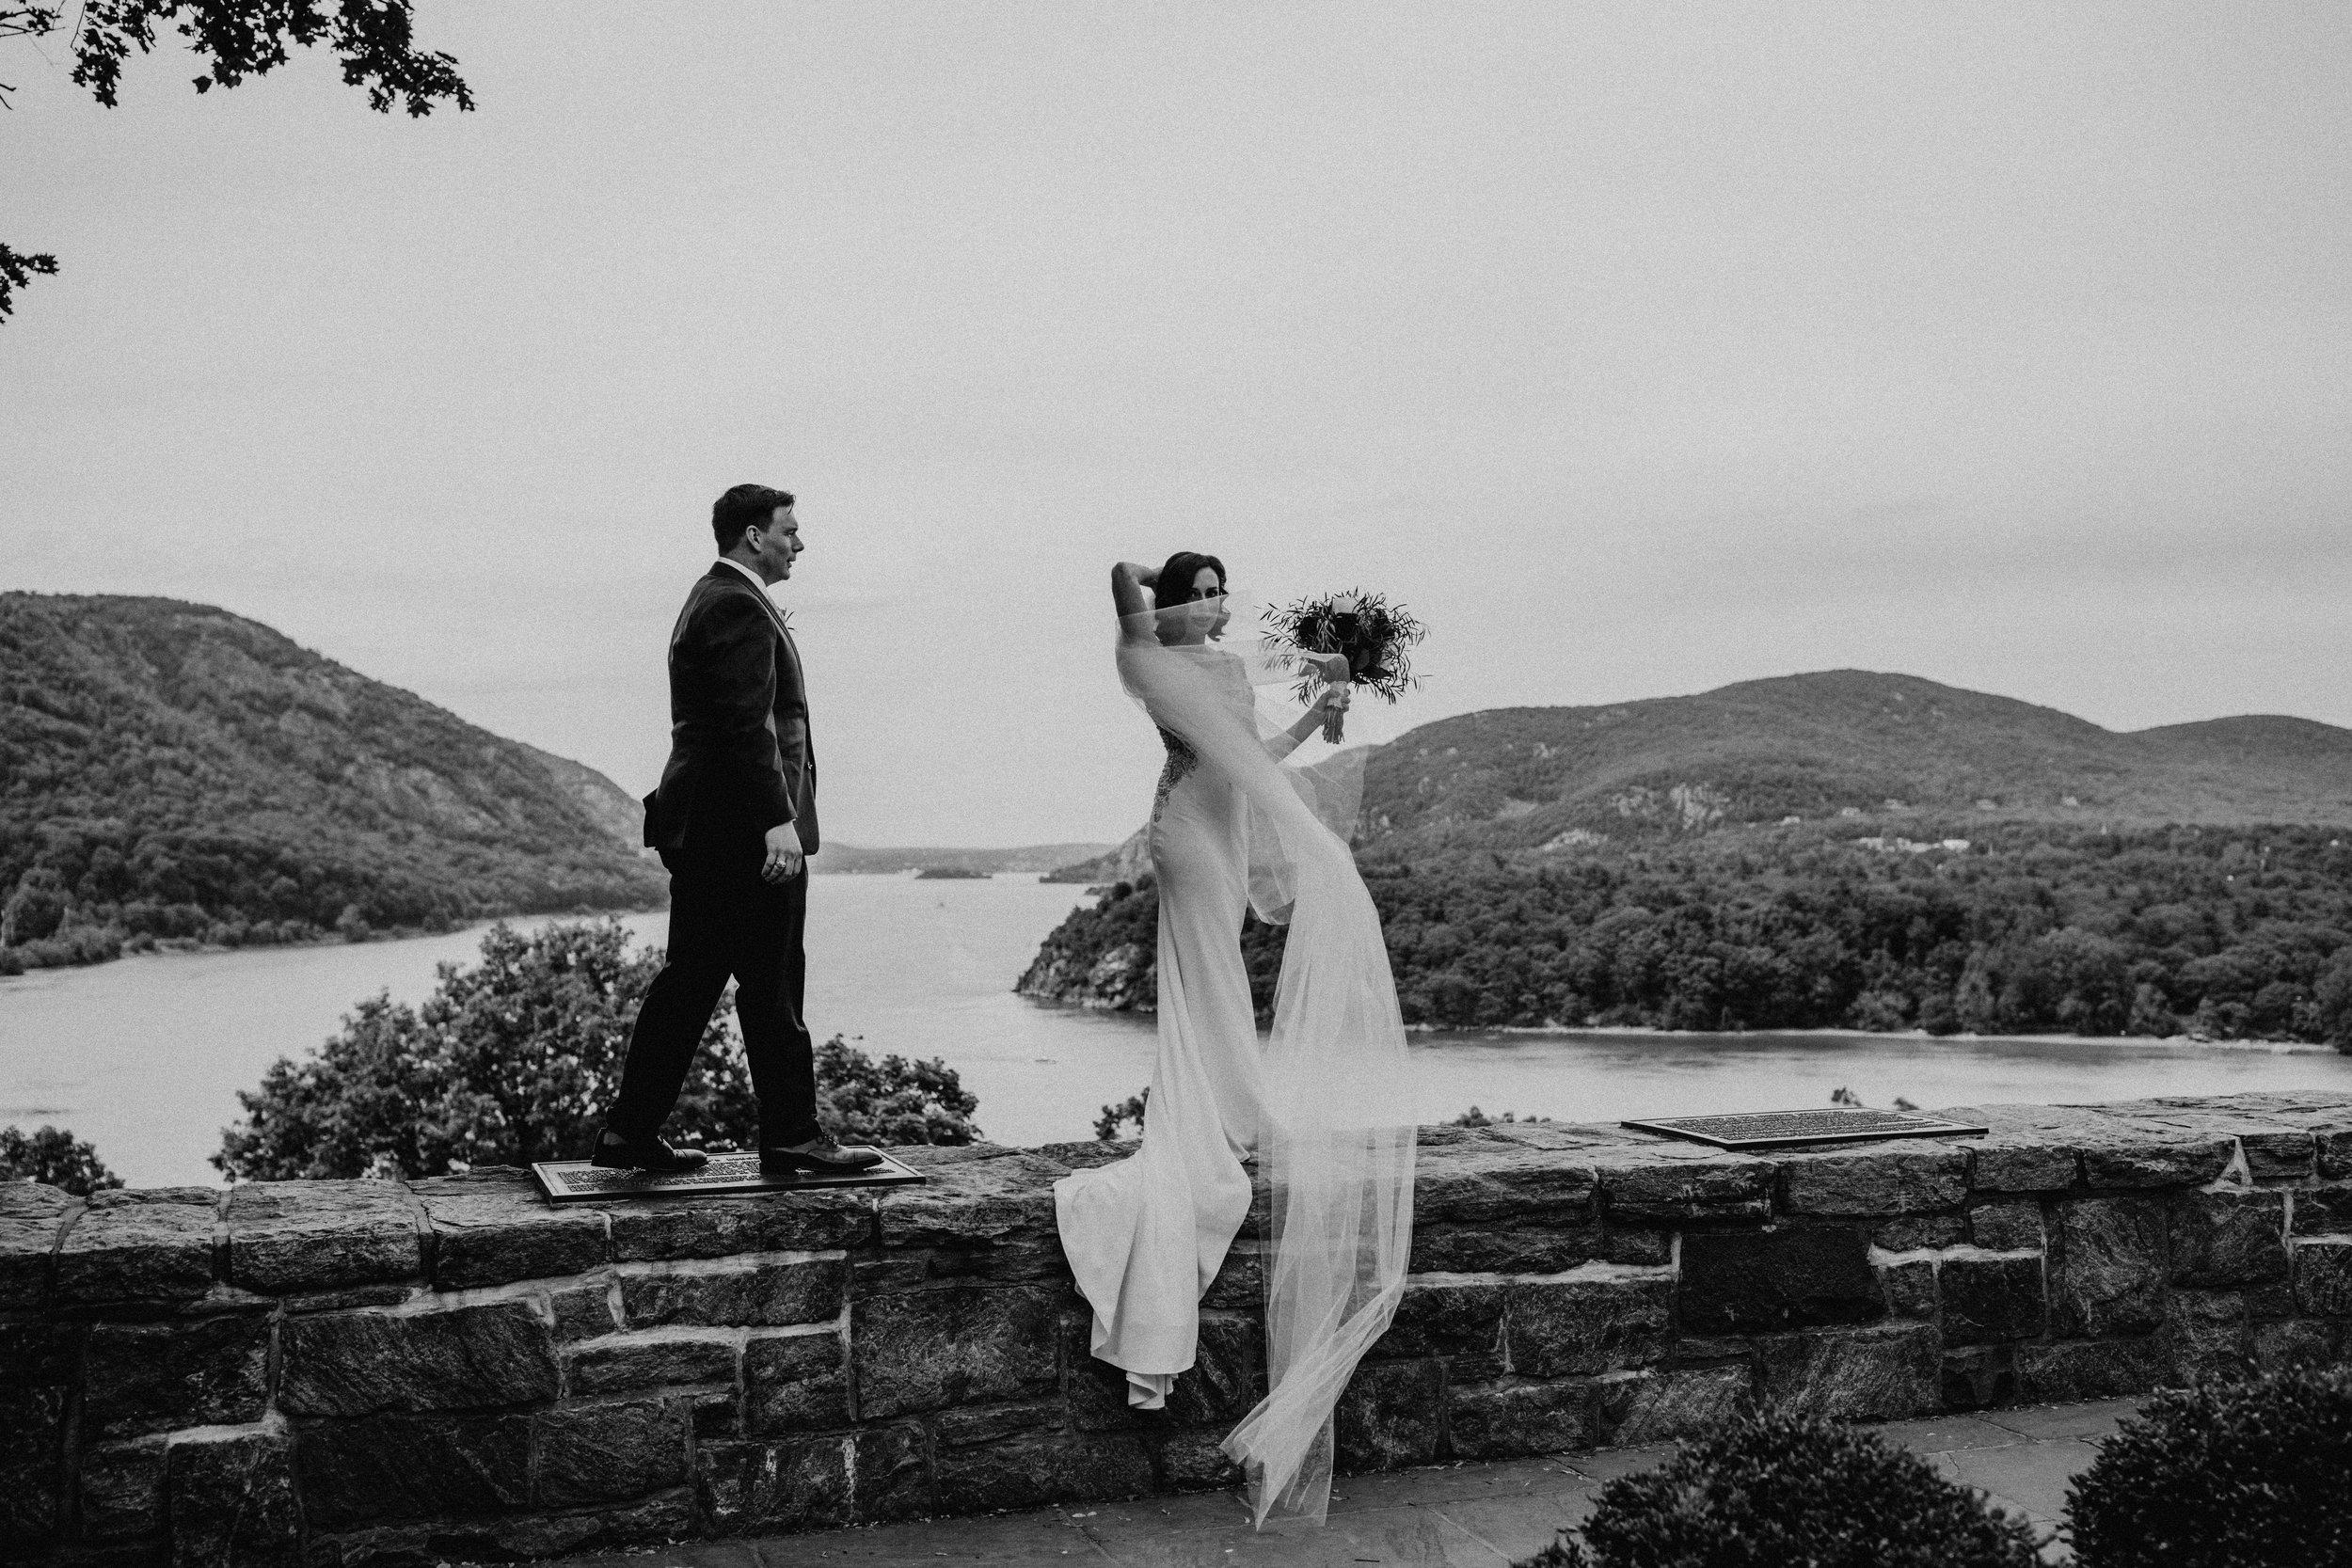 LaurenandAlex-weddingpreviews(7of35).jpg